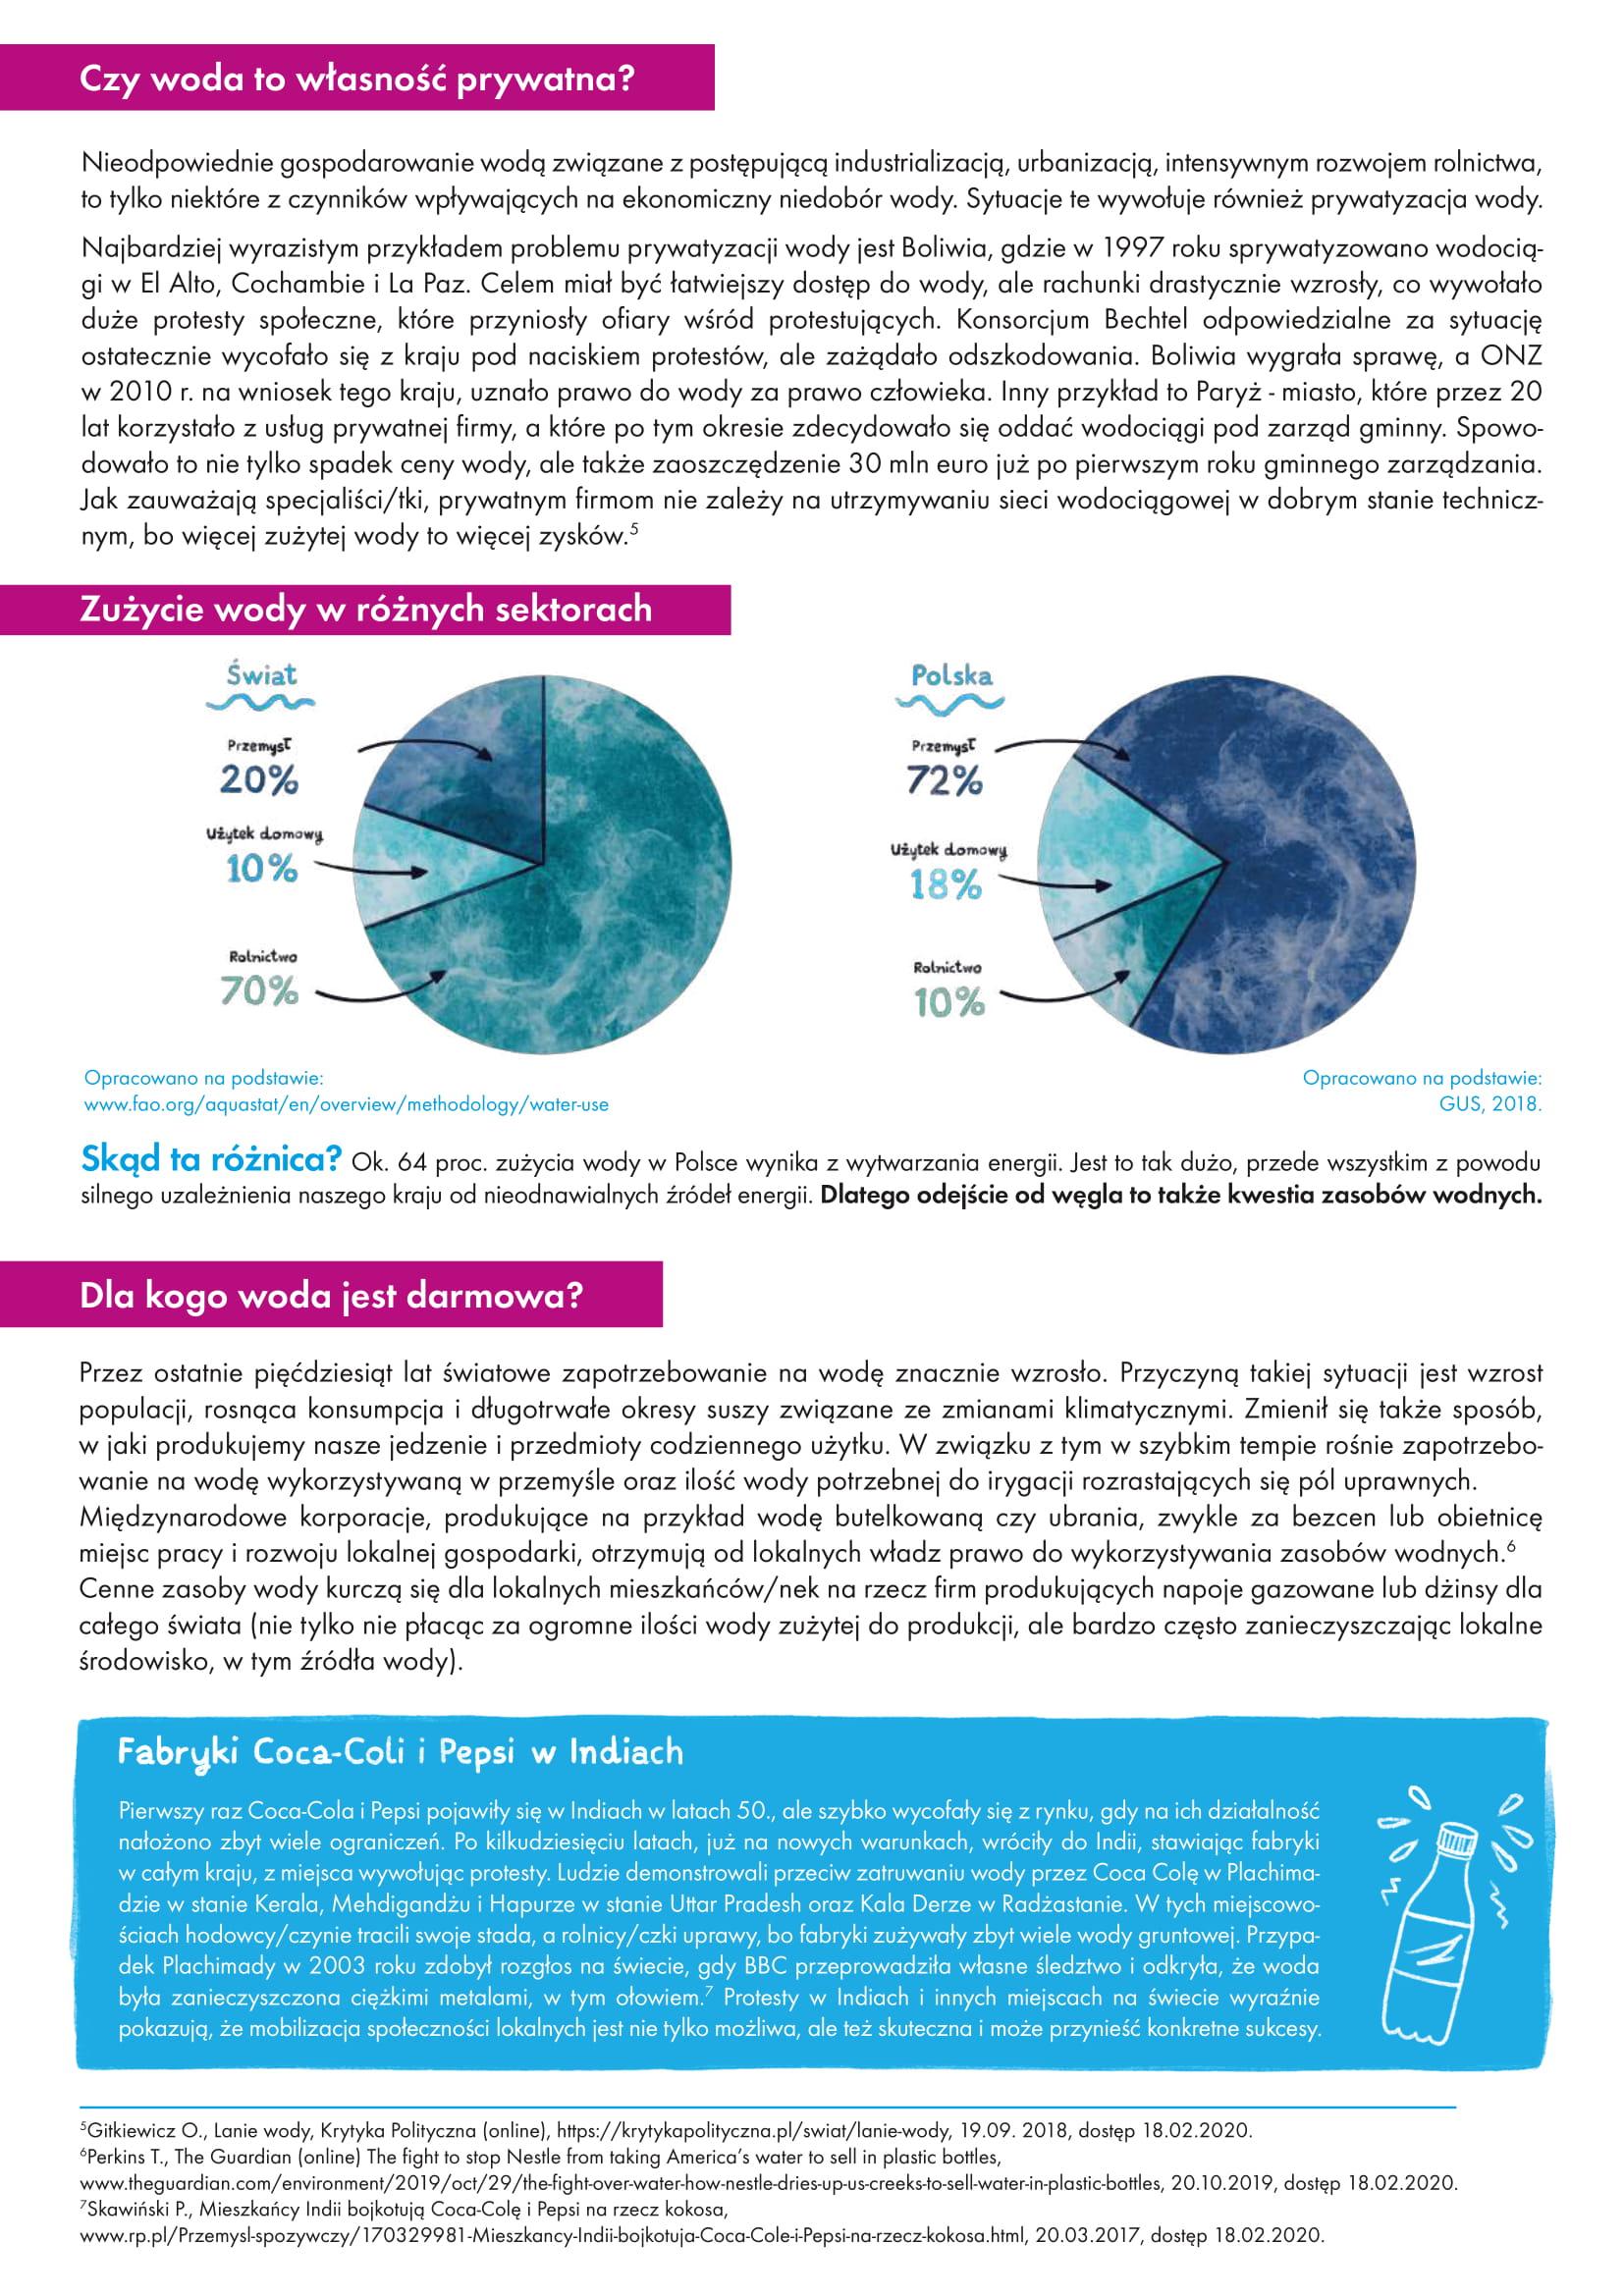 Broszura-Woda-w-kryzysie-klimatycznym-11-4